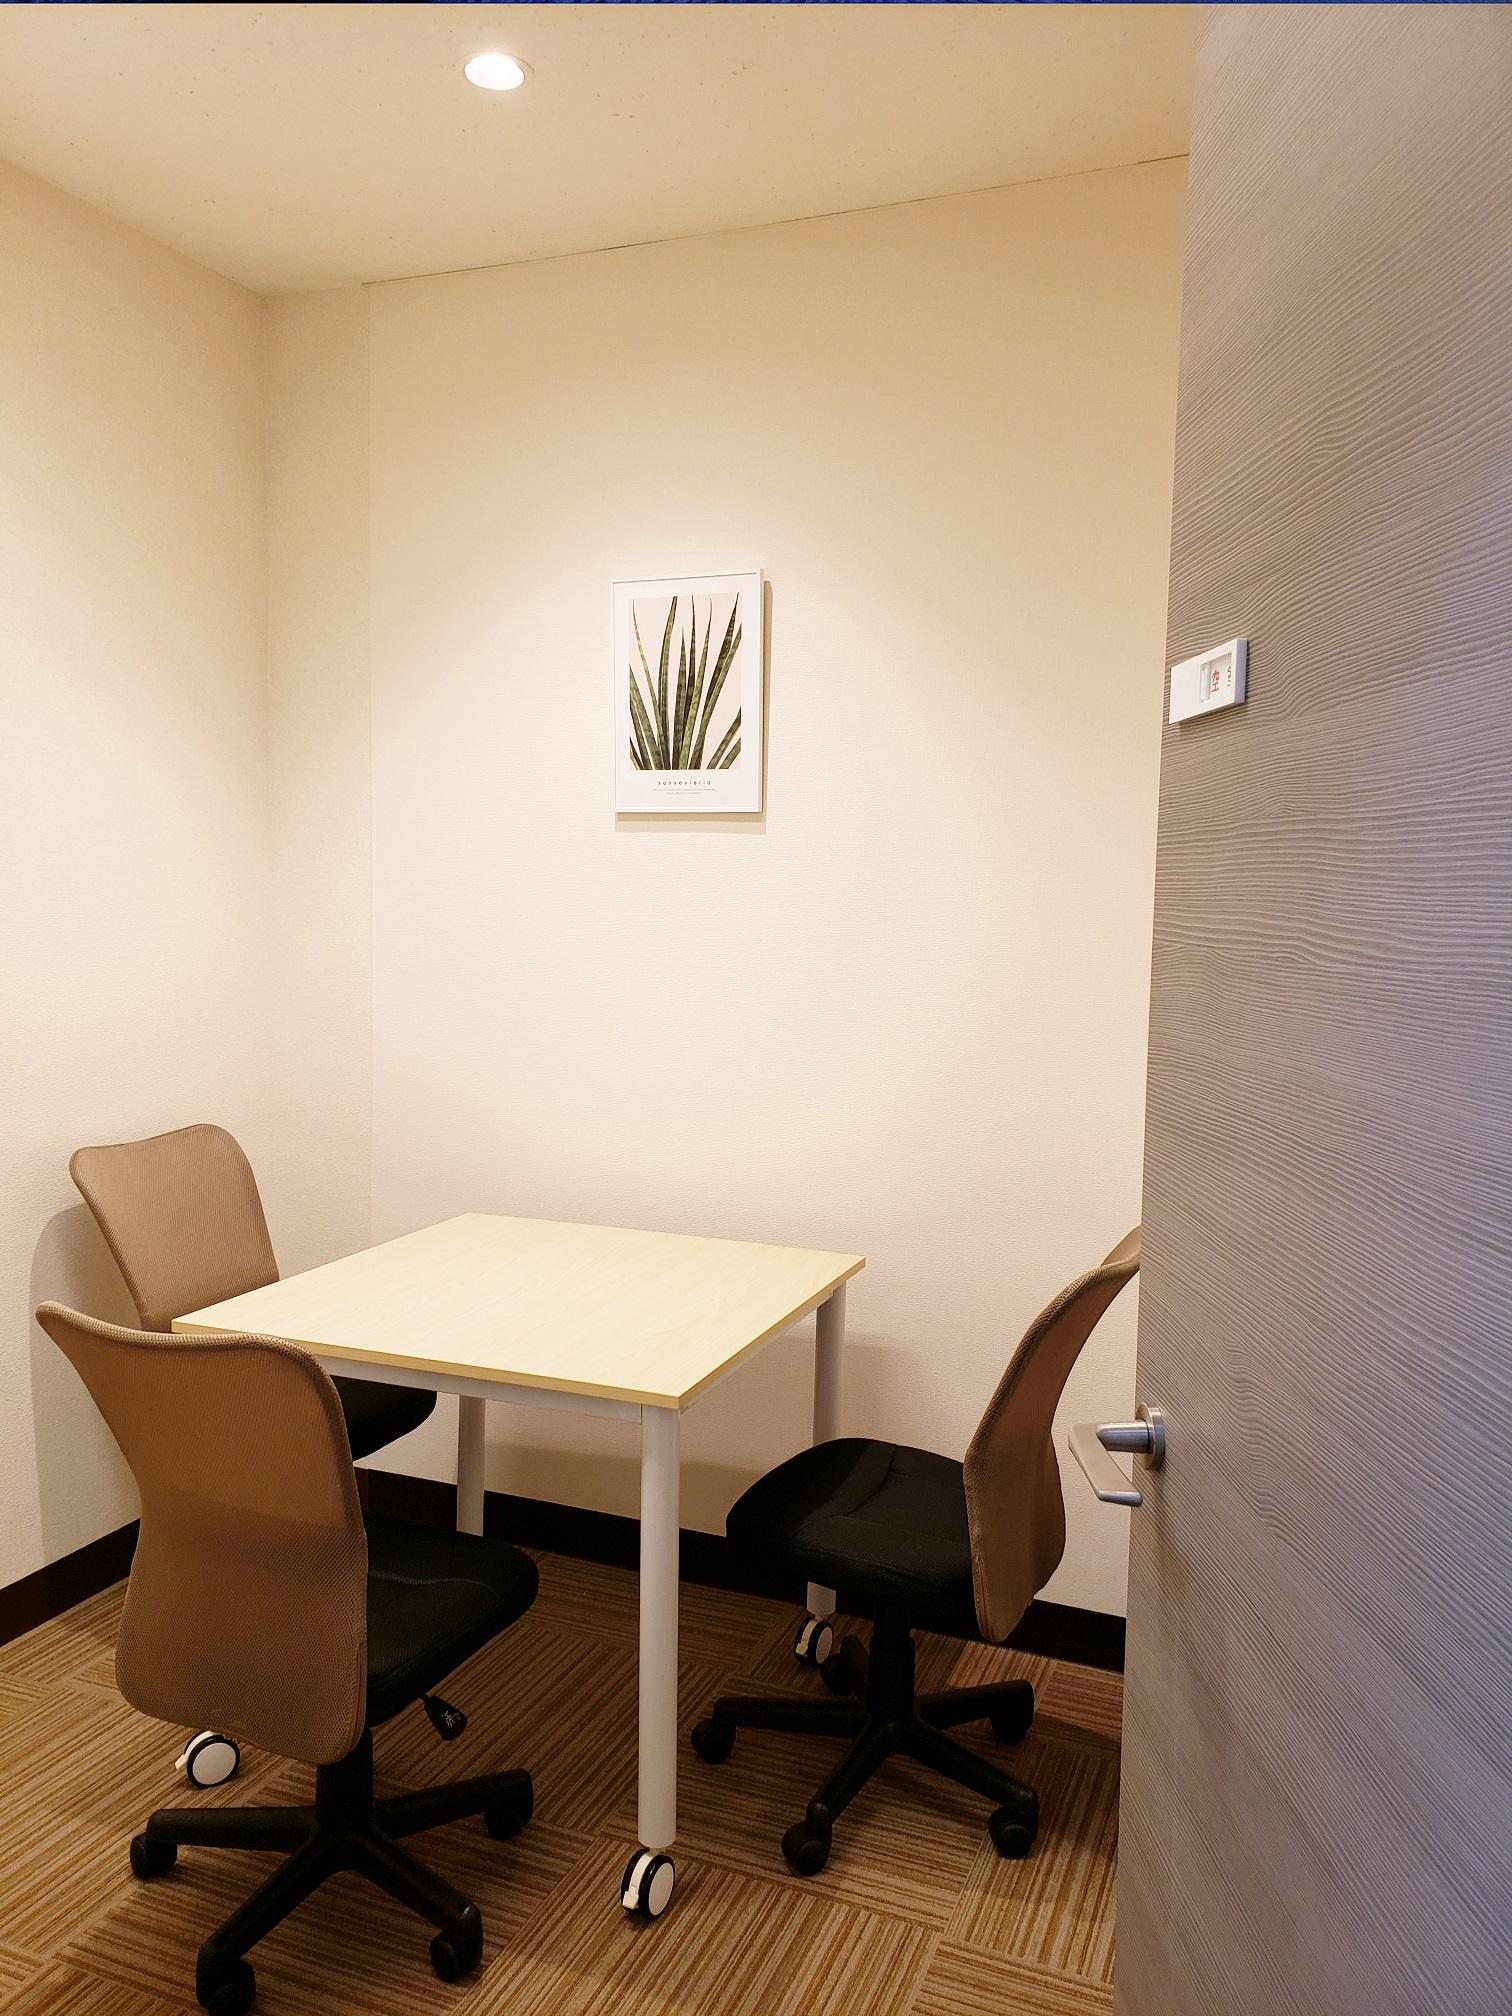 ディーキャリア 品川サウスオフィス、面談室